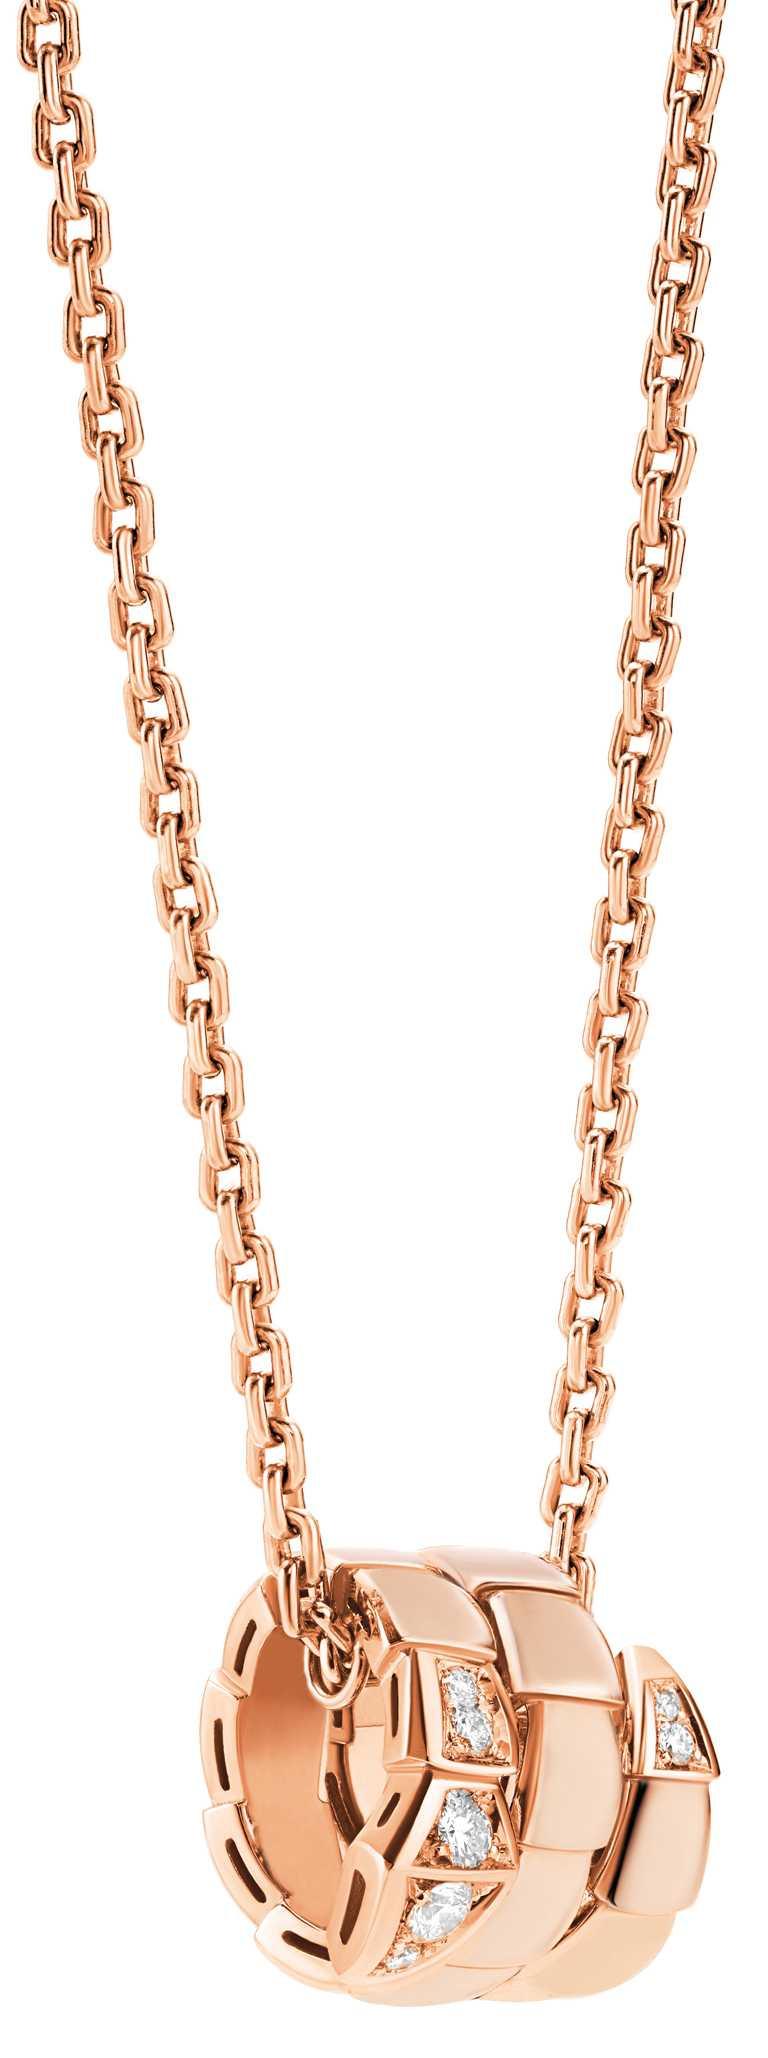 BVLGARI「Serpenti Viper」系列,玫瑰金半鑲鑽墜鍊╱128,300元。(圖╱BVLGARI提供)